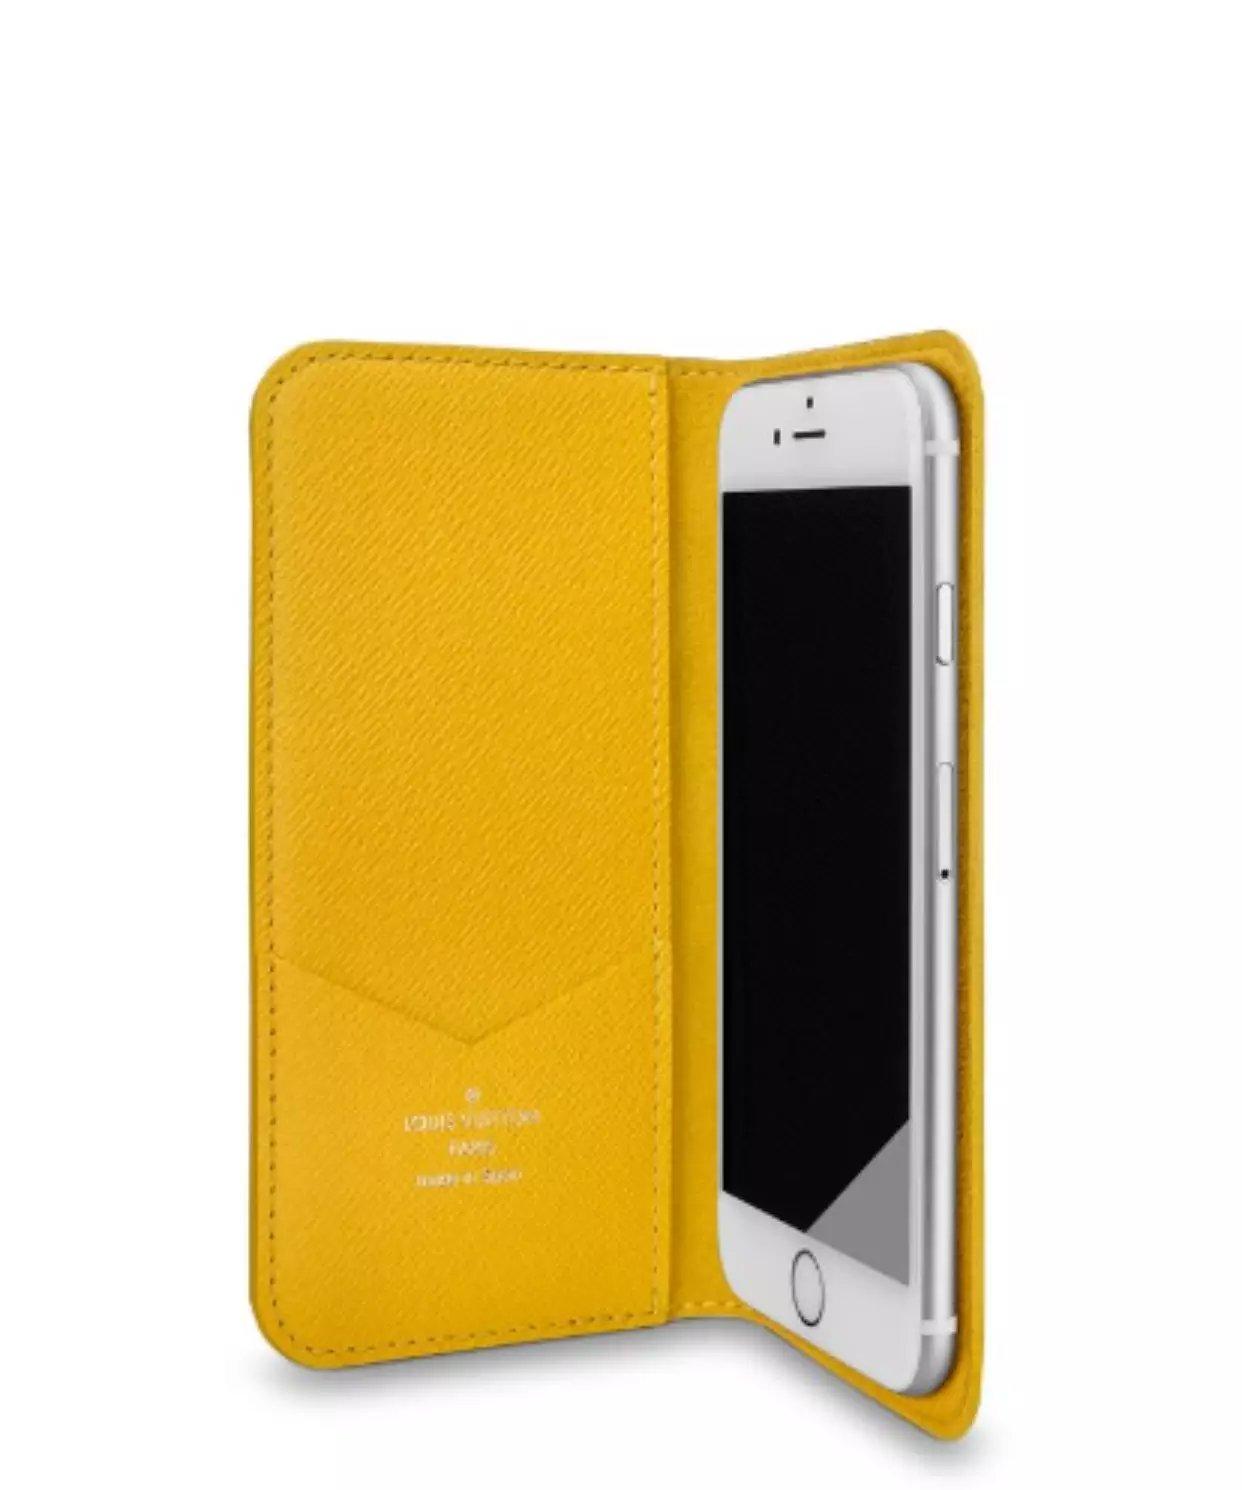 schutzhülle iphone beste iphone hülle Louis Vuitton iphone6s plus hülle iphone 6s Plus hülle freitag iphone 6 chip iphone oder galaxy pinke iphone 6s Plus hülle iphone 6s Plus tasche iphone 6s Plus hülle mit displayschutz